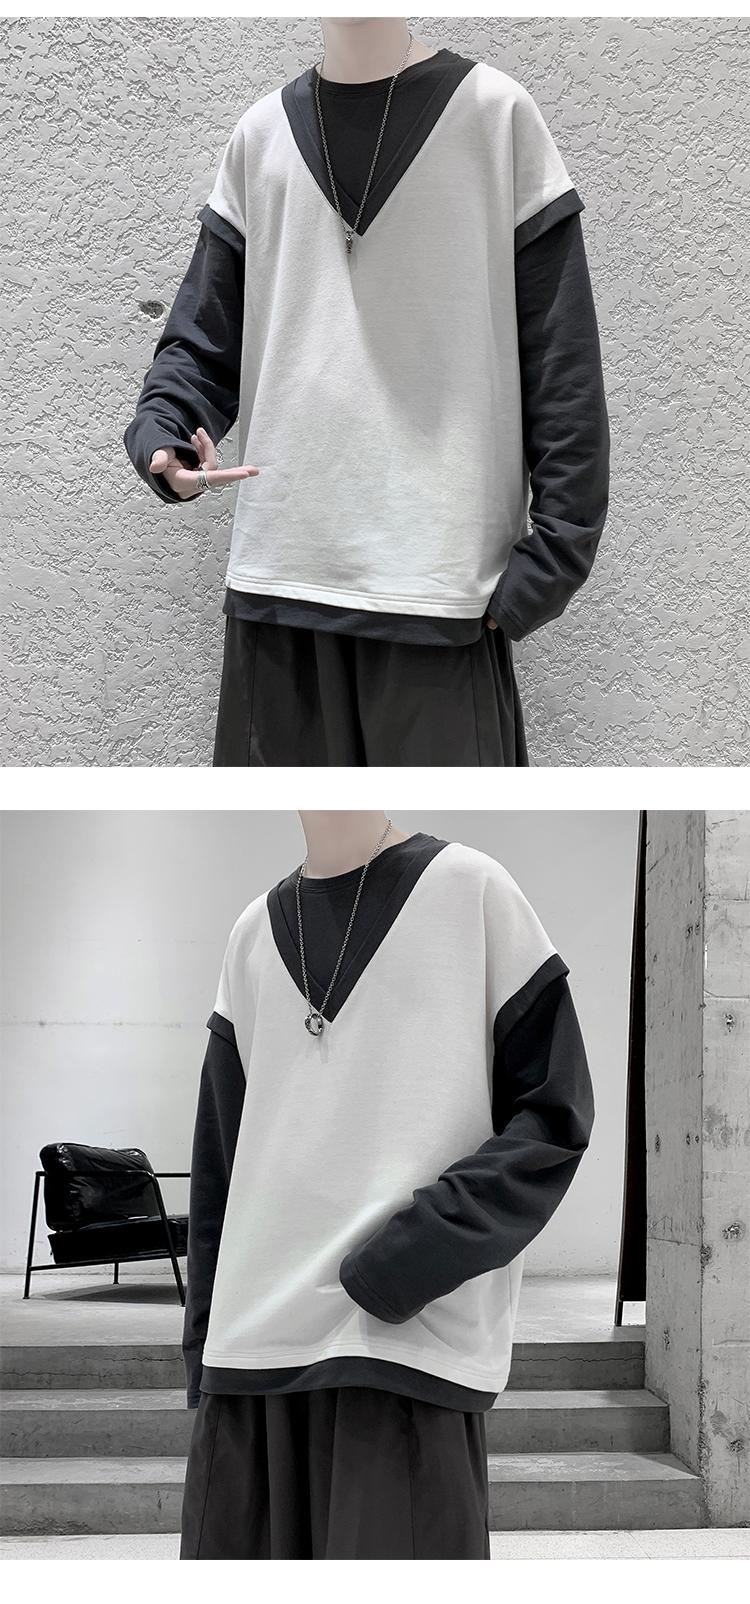 秋季新款纯色假两件长袖T恤宽松撞色卫衣潮A150-CX2007-P45控价59